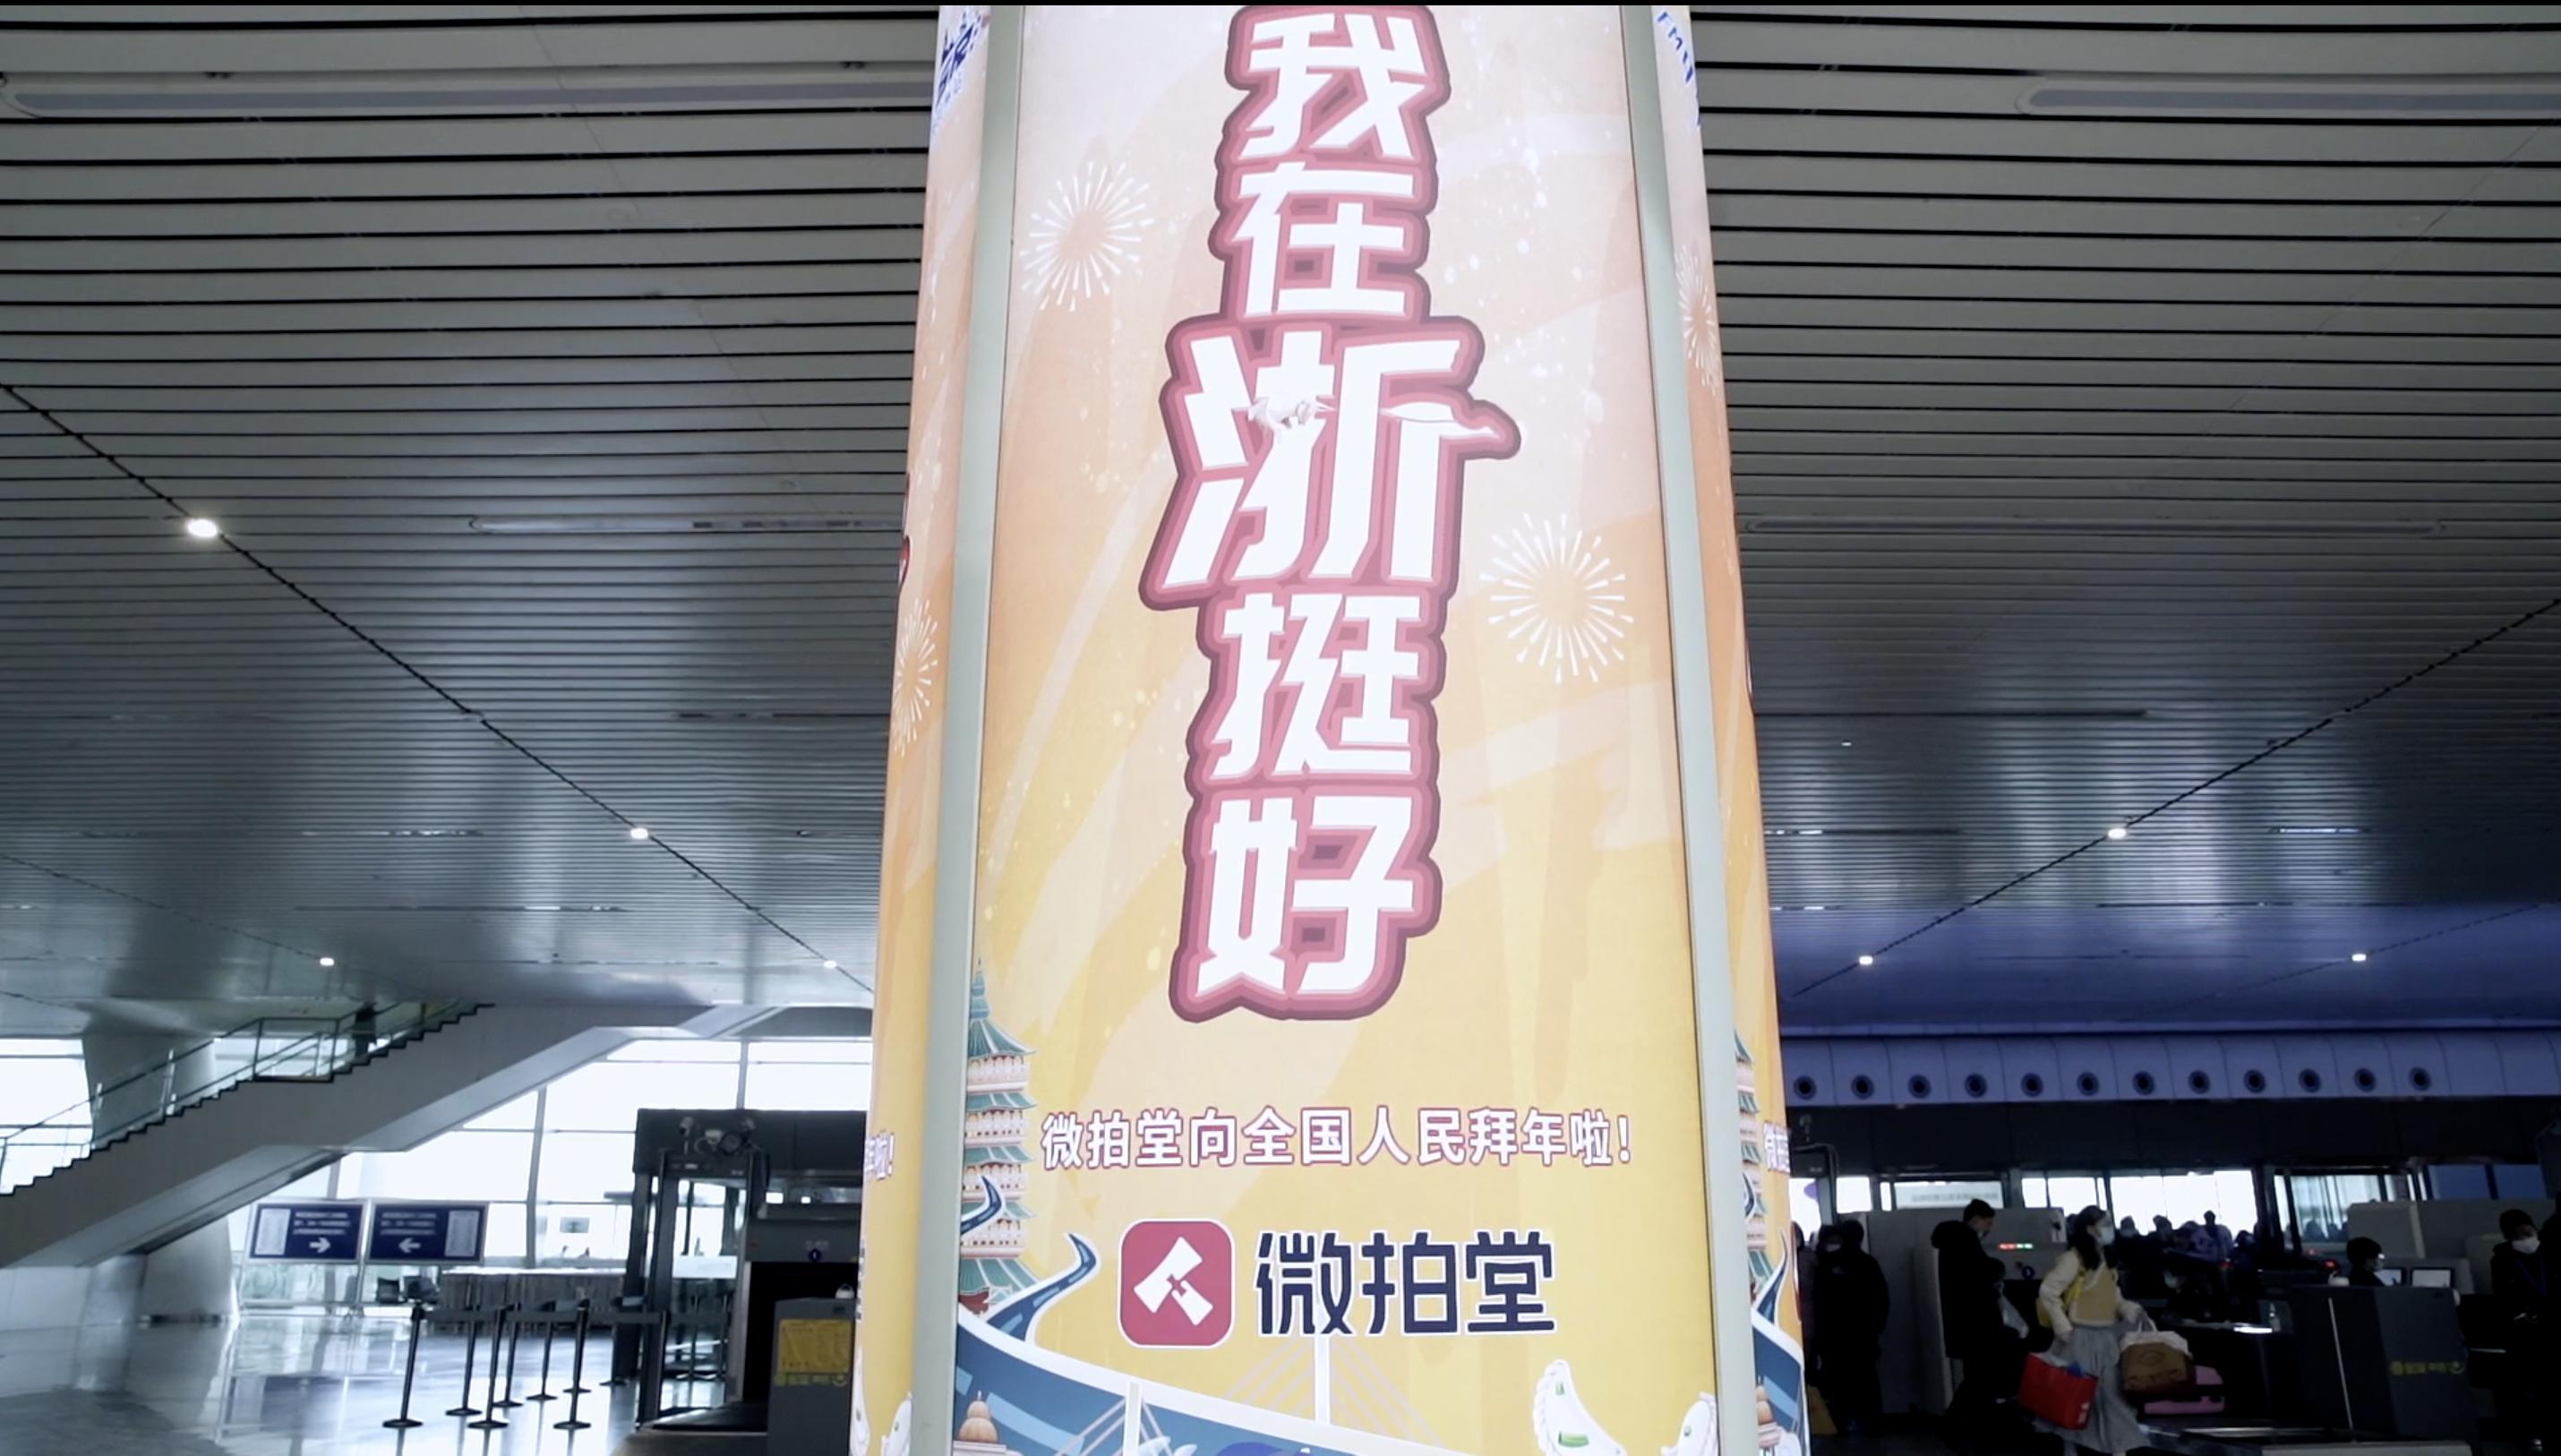 过年不打烊!微拍堂新宣传片登陆杭州高铁站向全国人民拜年